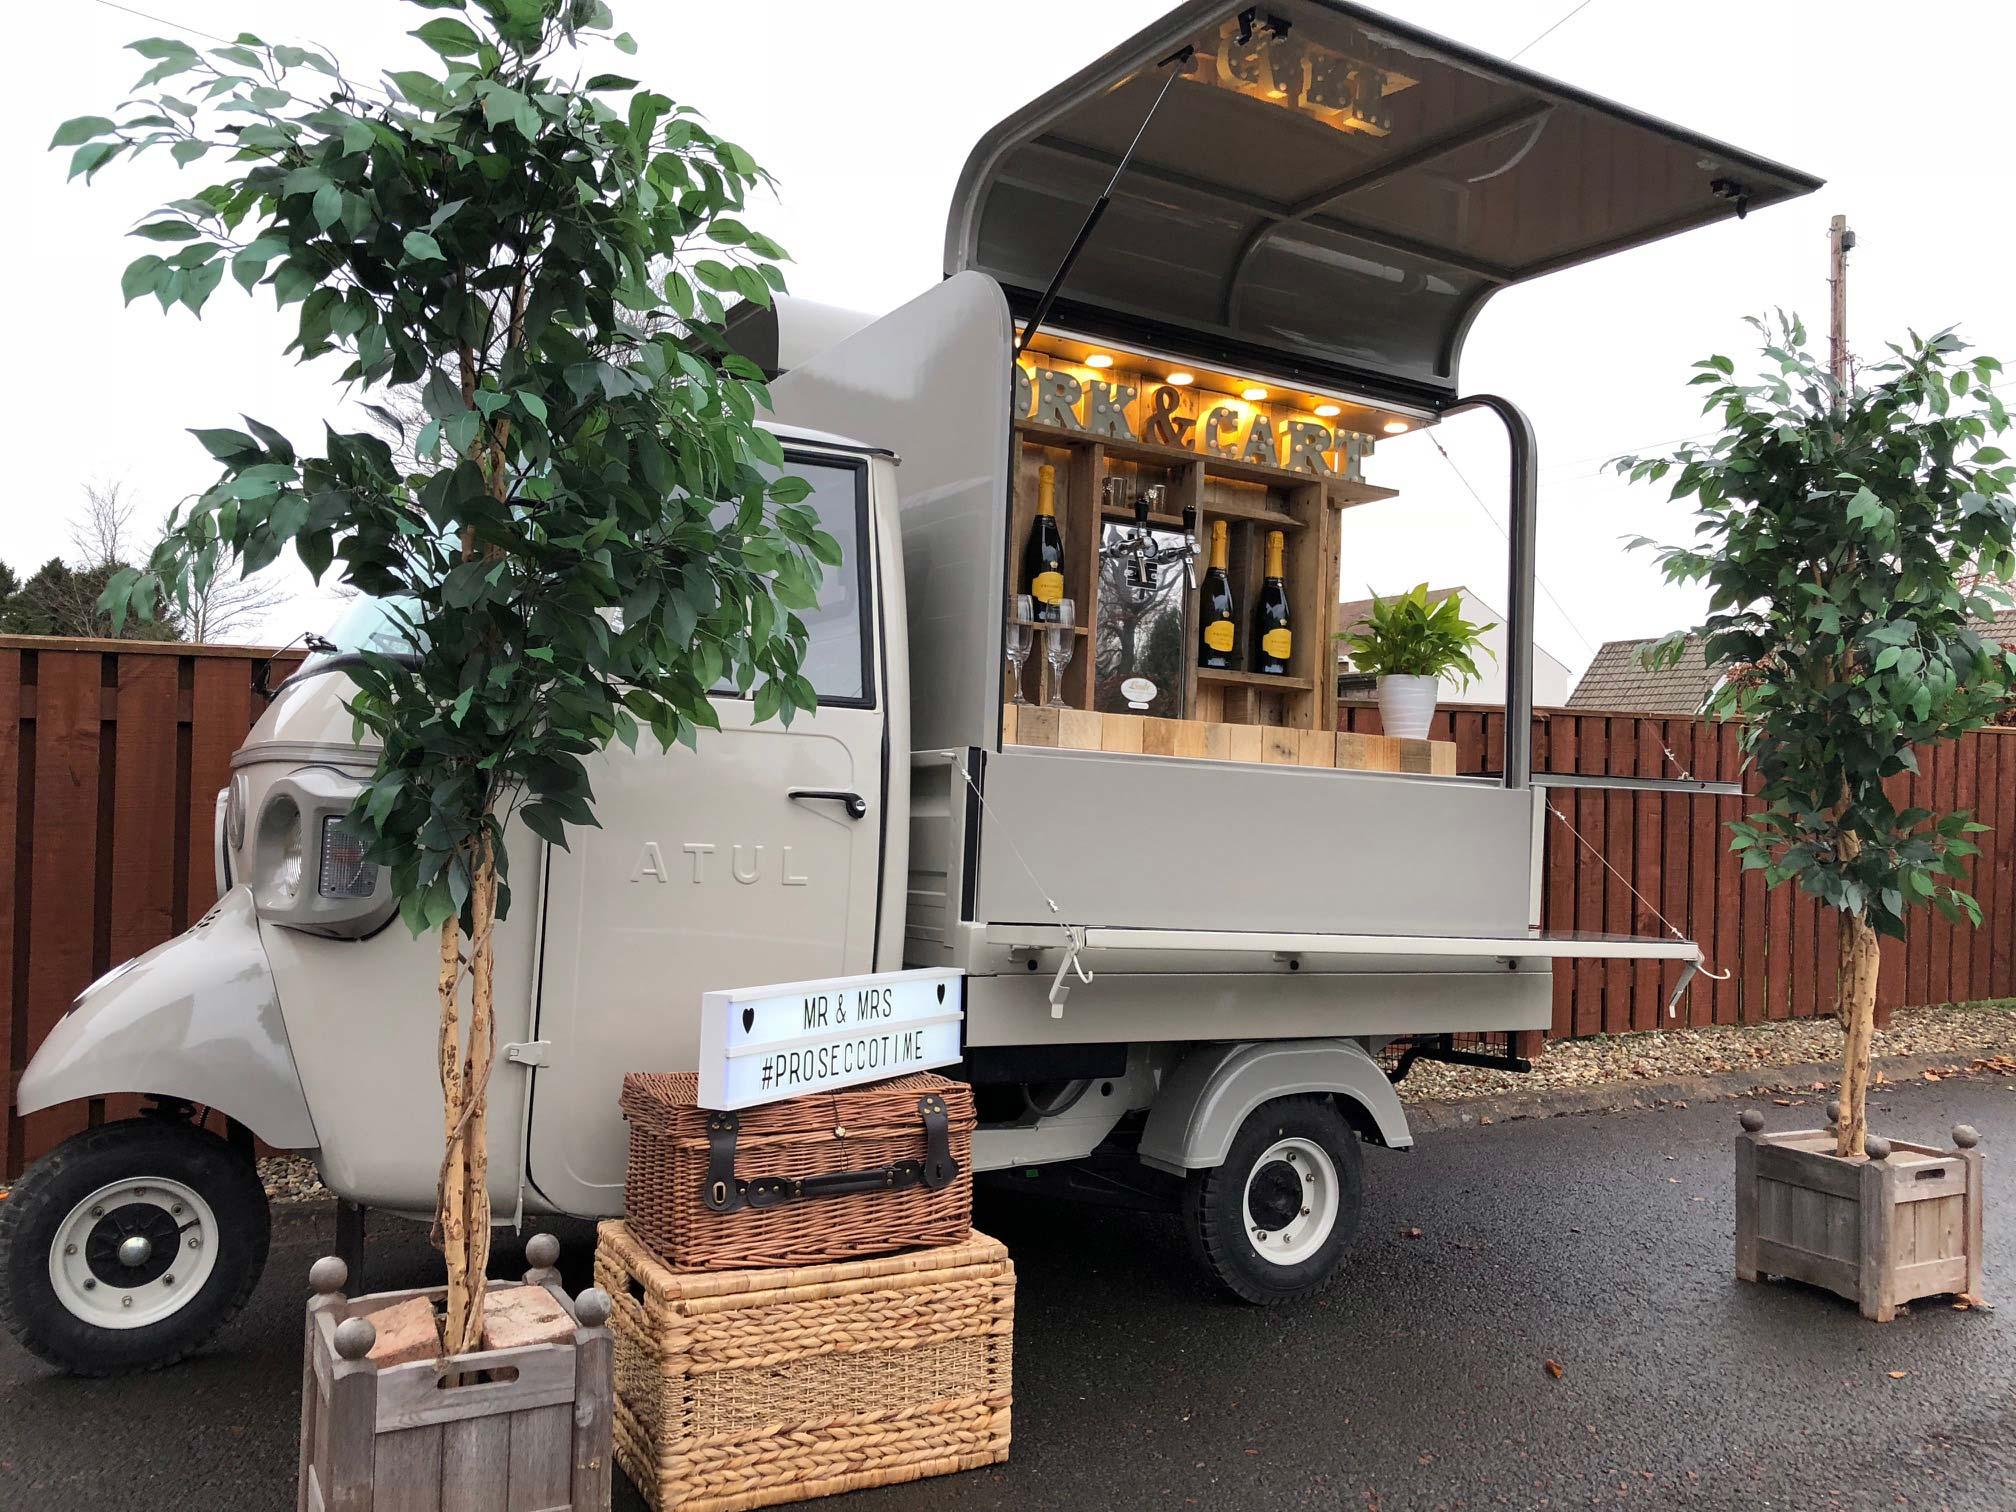 Cork & Cart Mobile Gin Bar